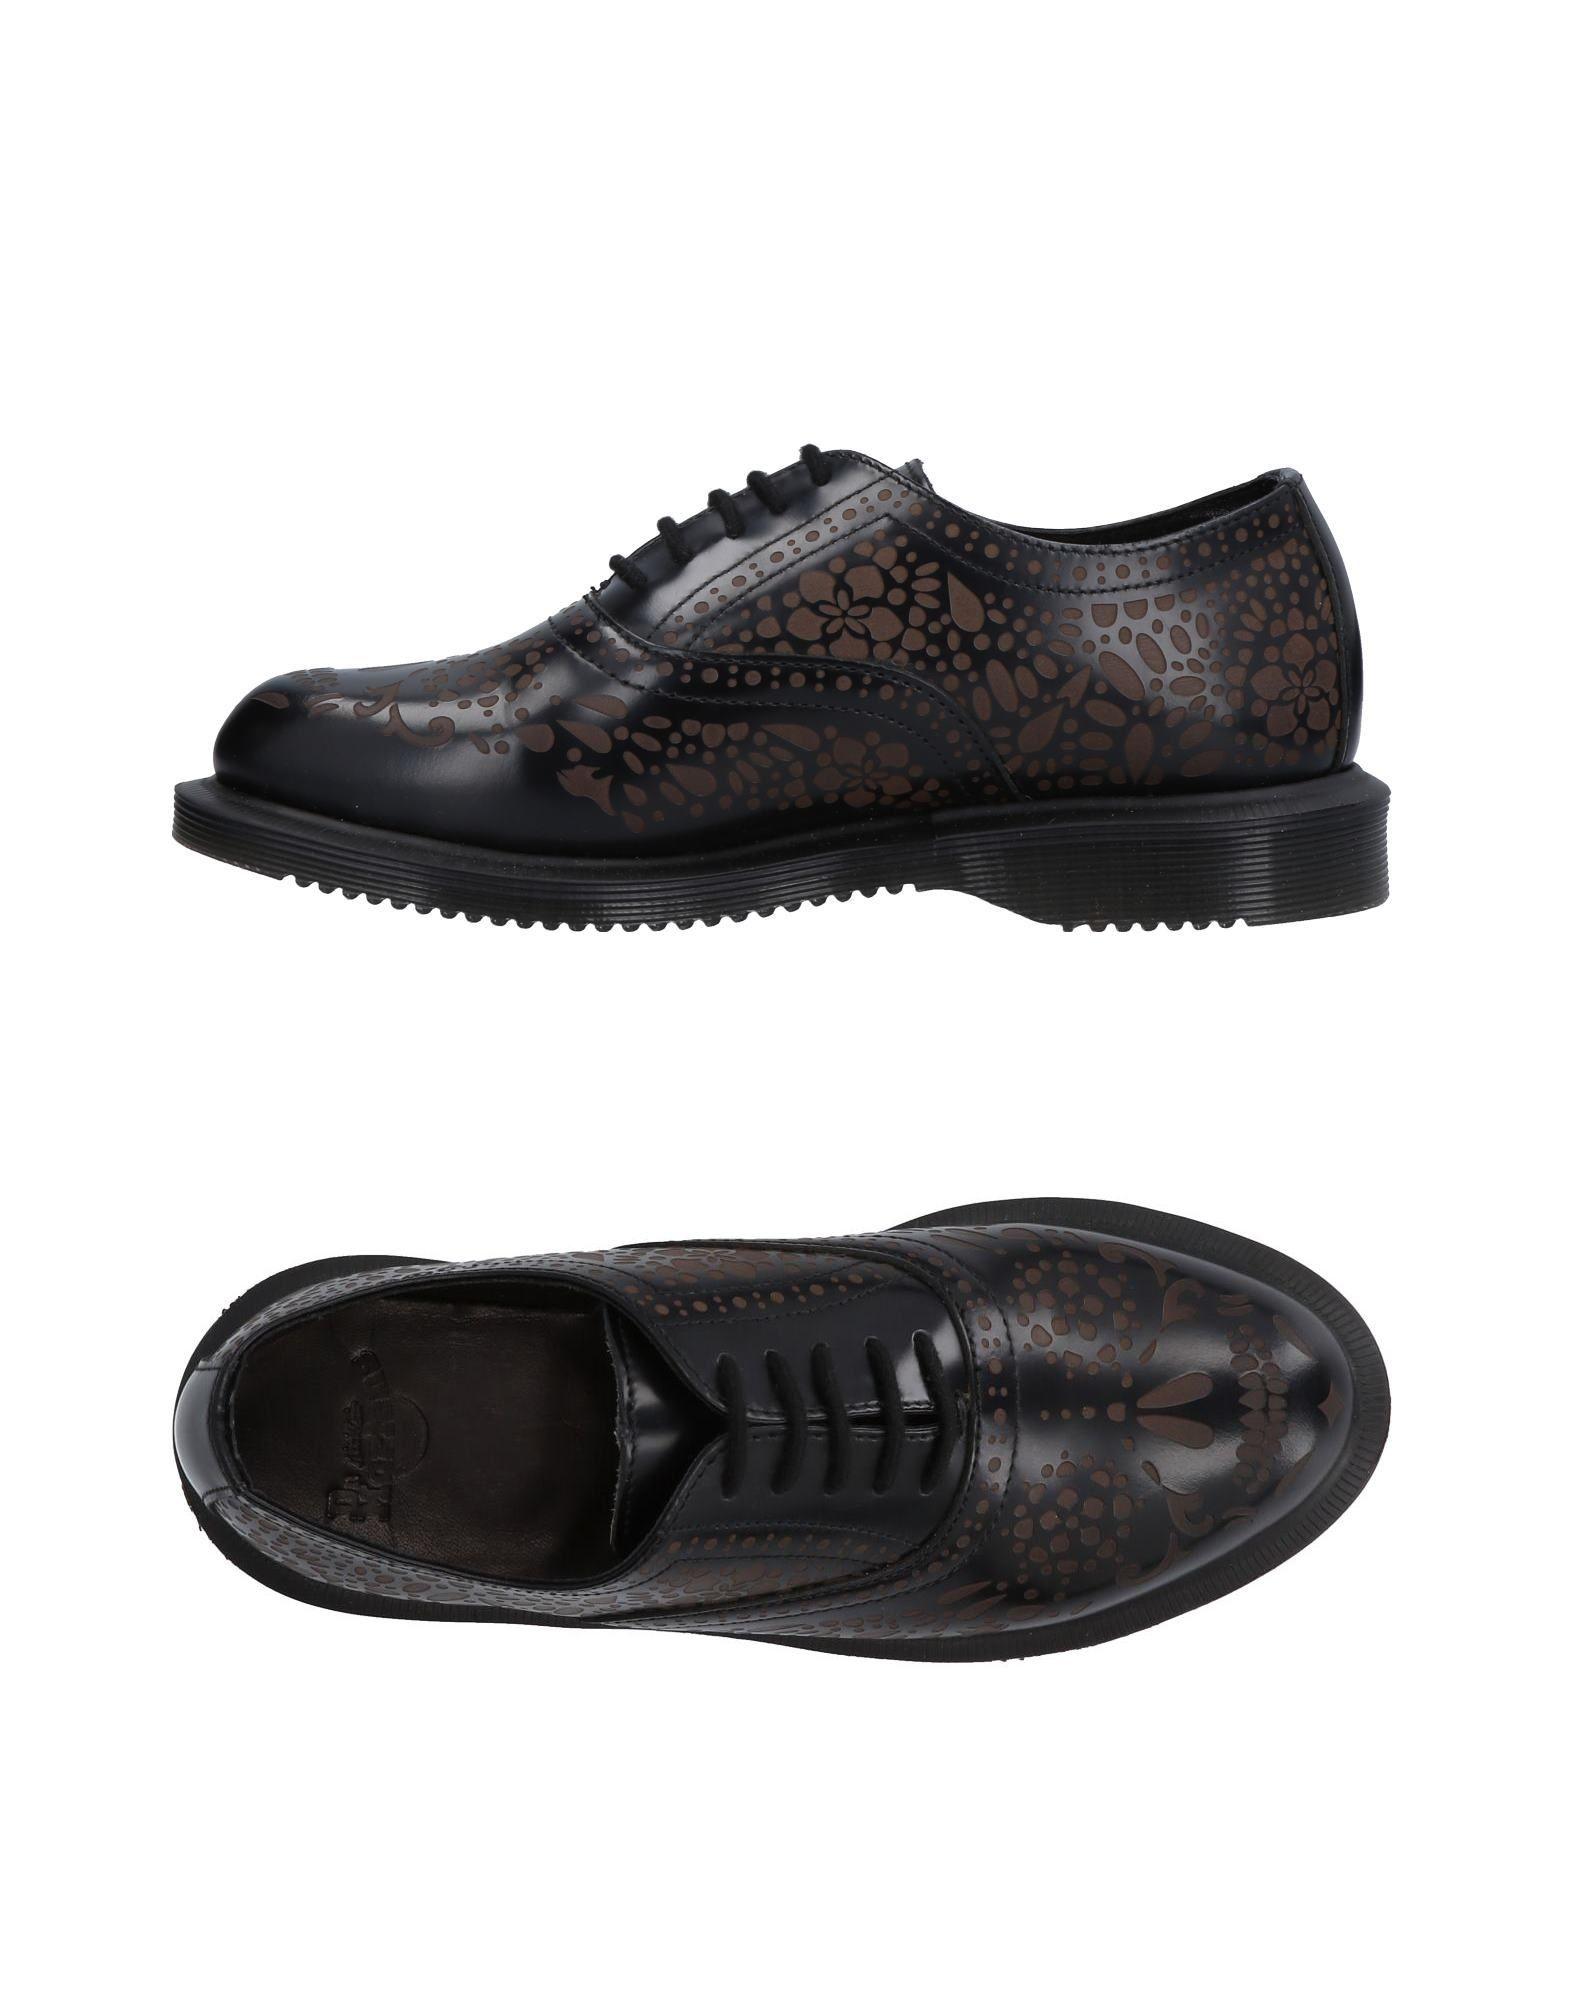 Dr. Martens Schnürschuhe Damen  11053367QC Gute Qualität beliebte Schuhe